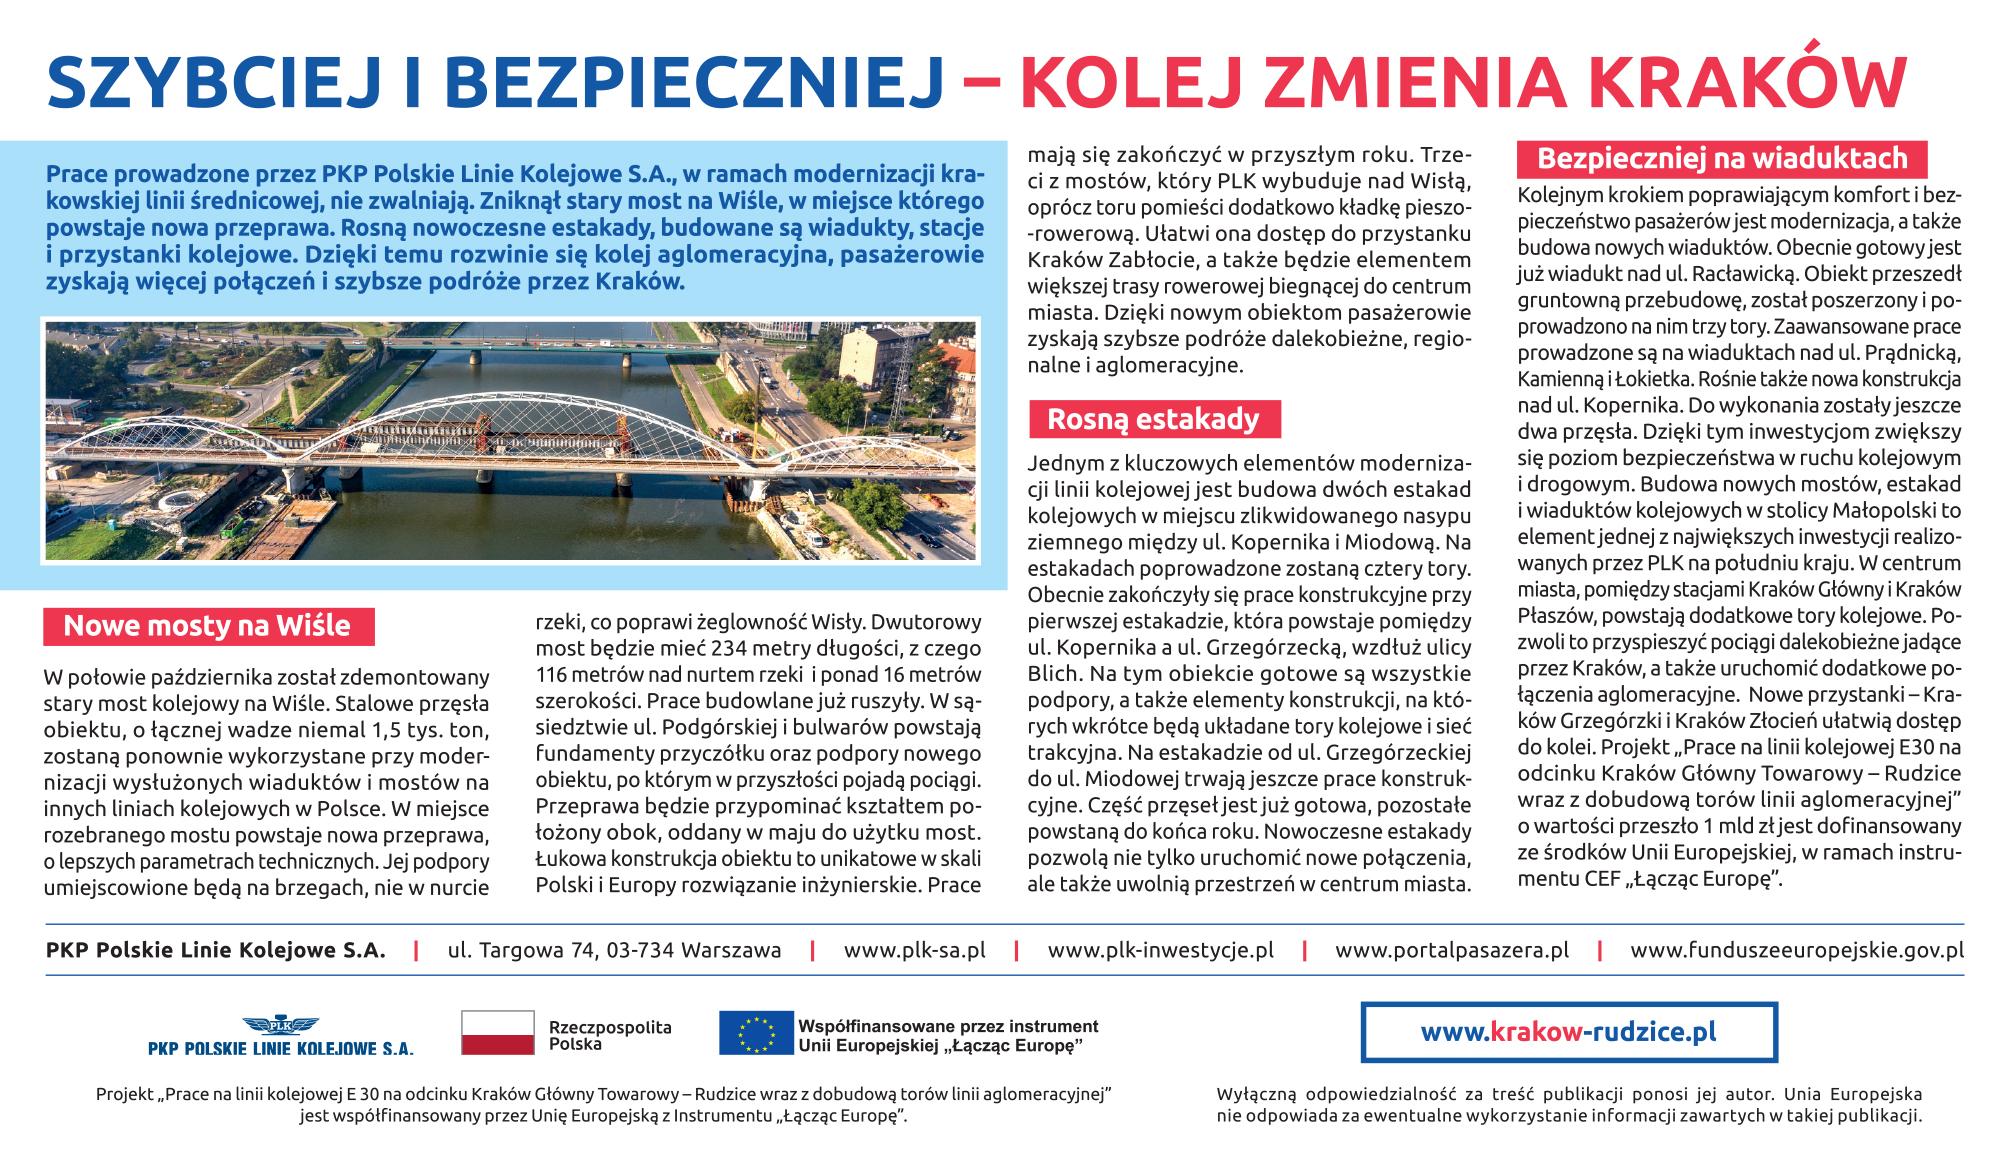 Szybciej i bezpieczniej - kolej zmienia Kraków prasa listopad 2020 r. Gazeta Krakowska i Dziennik Polski